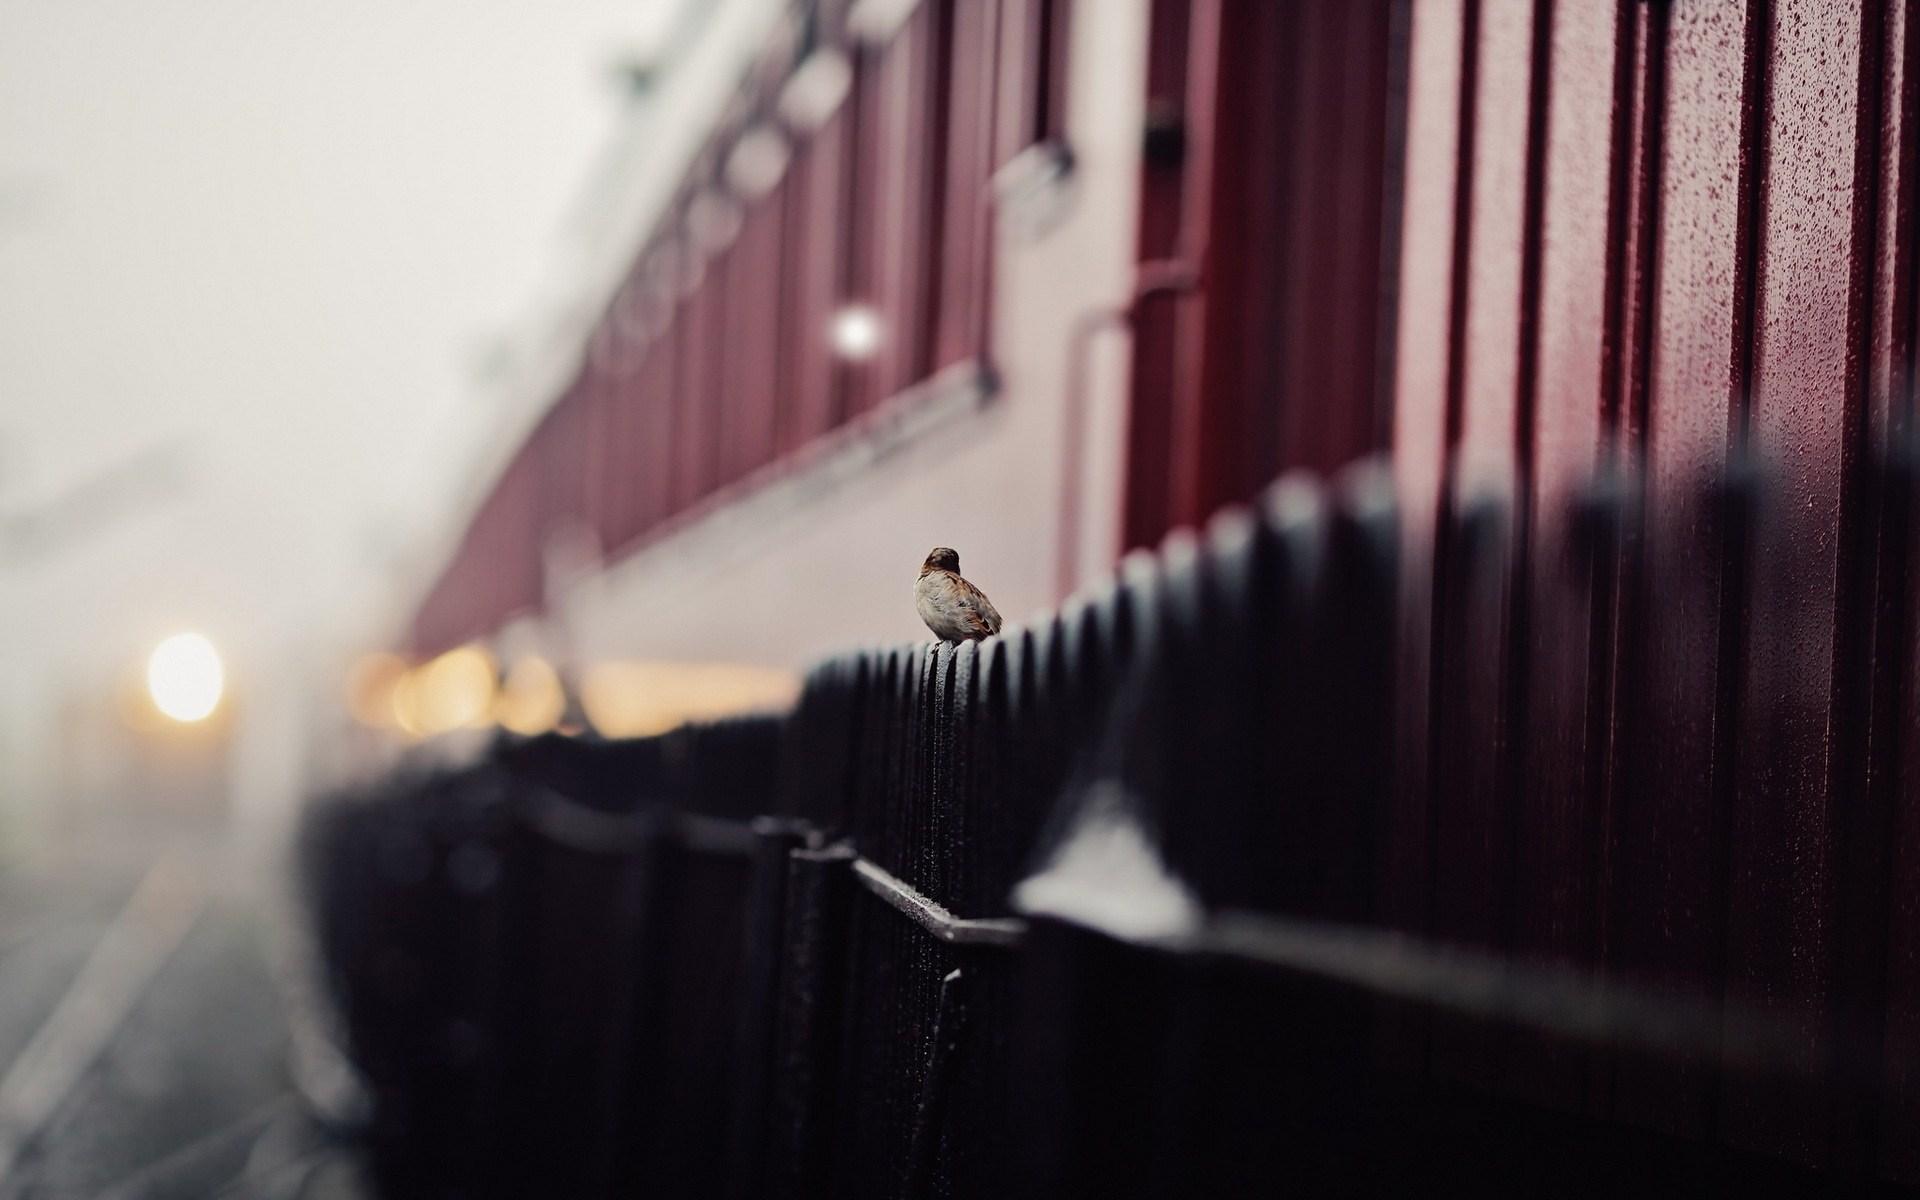 Fence The Sparrow Train Photo